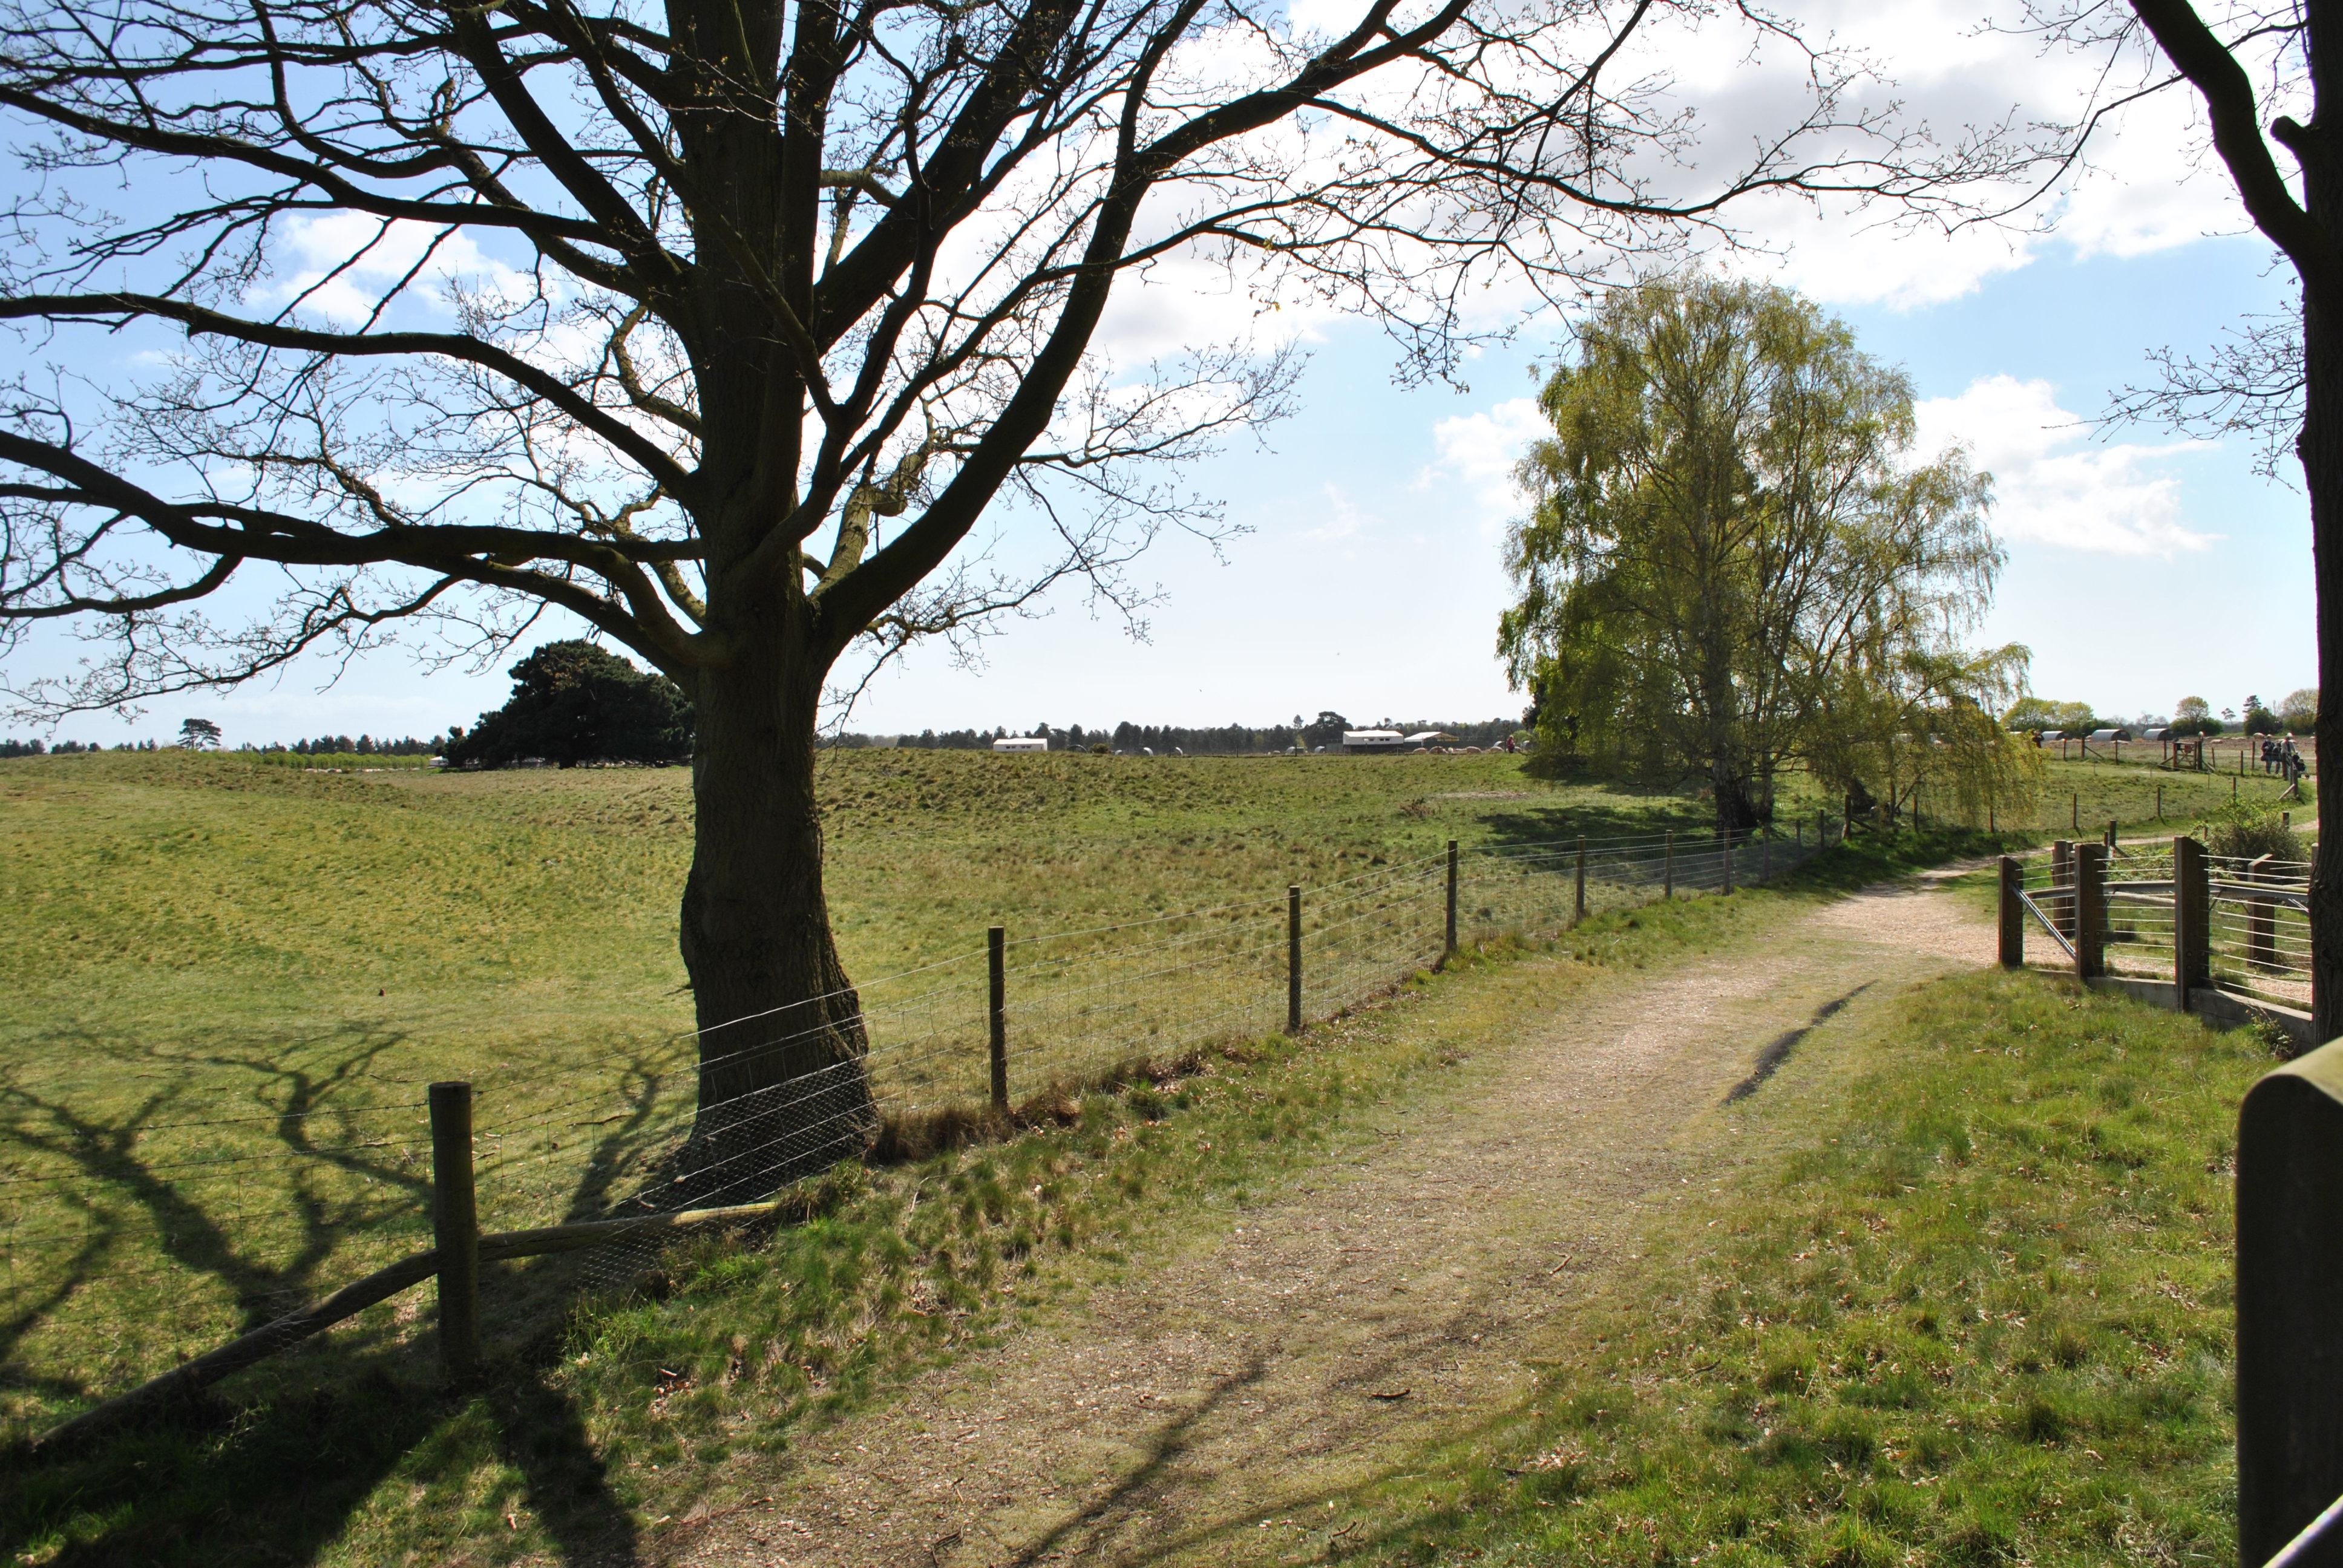 A Path through the Fields